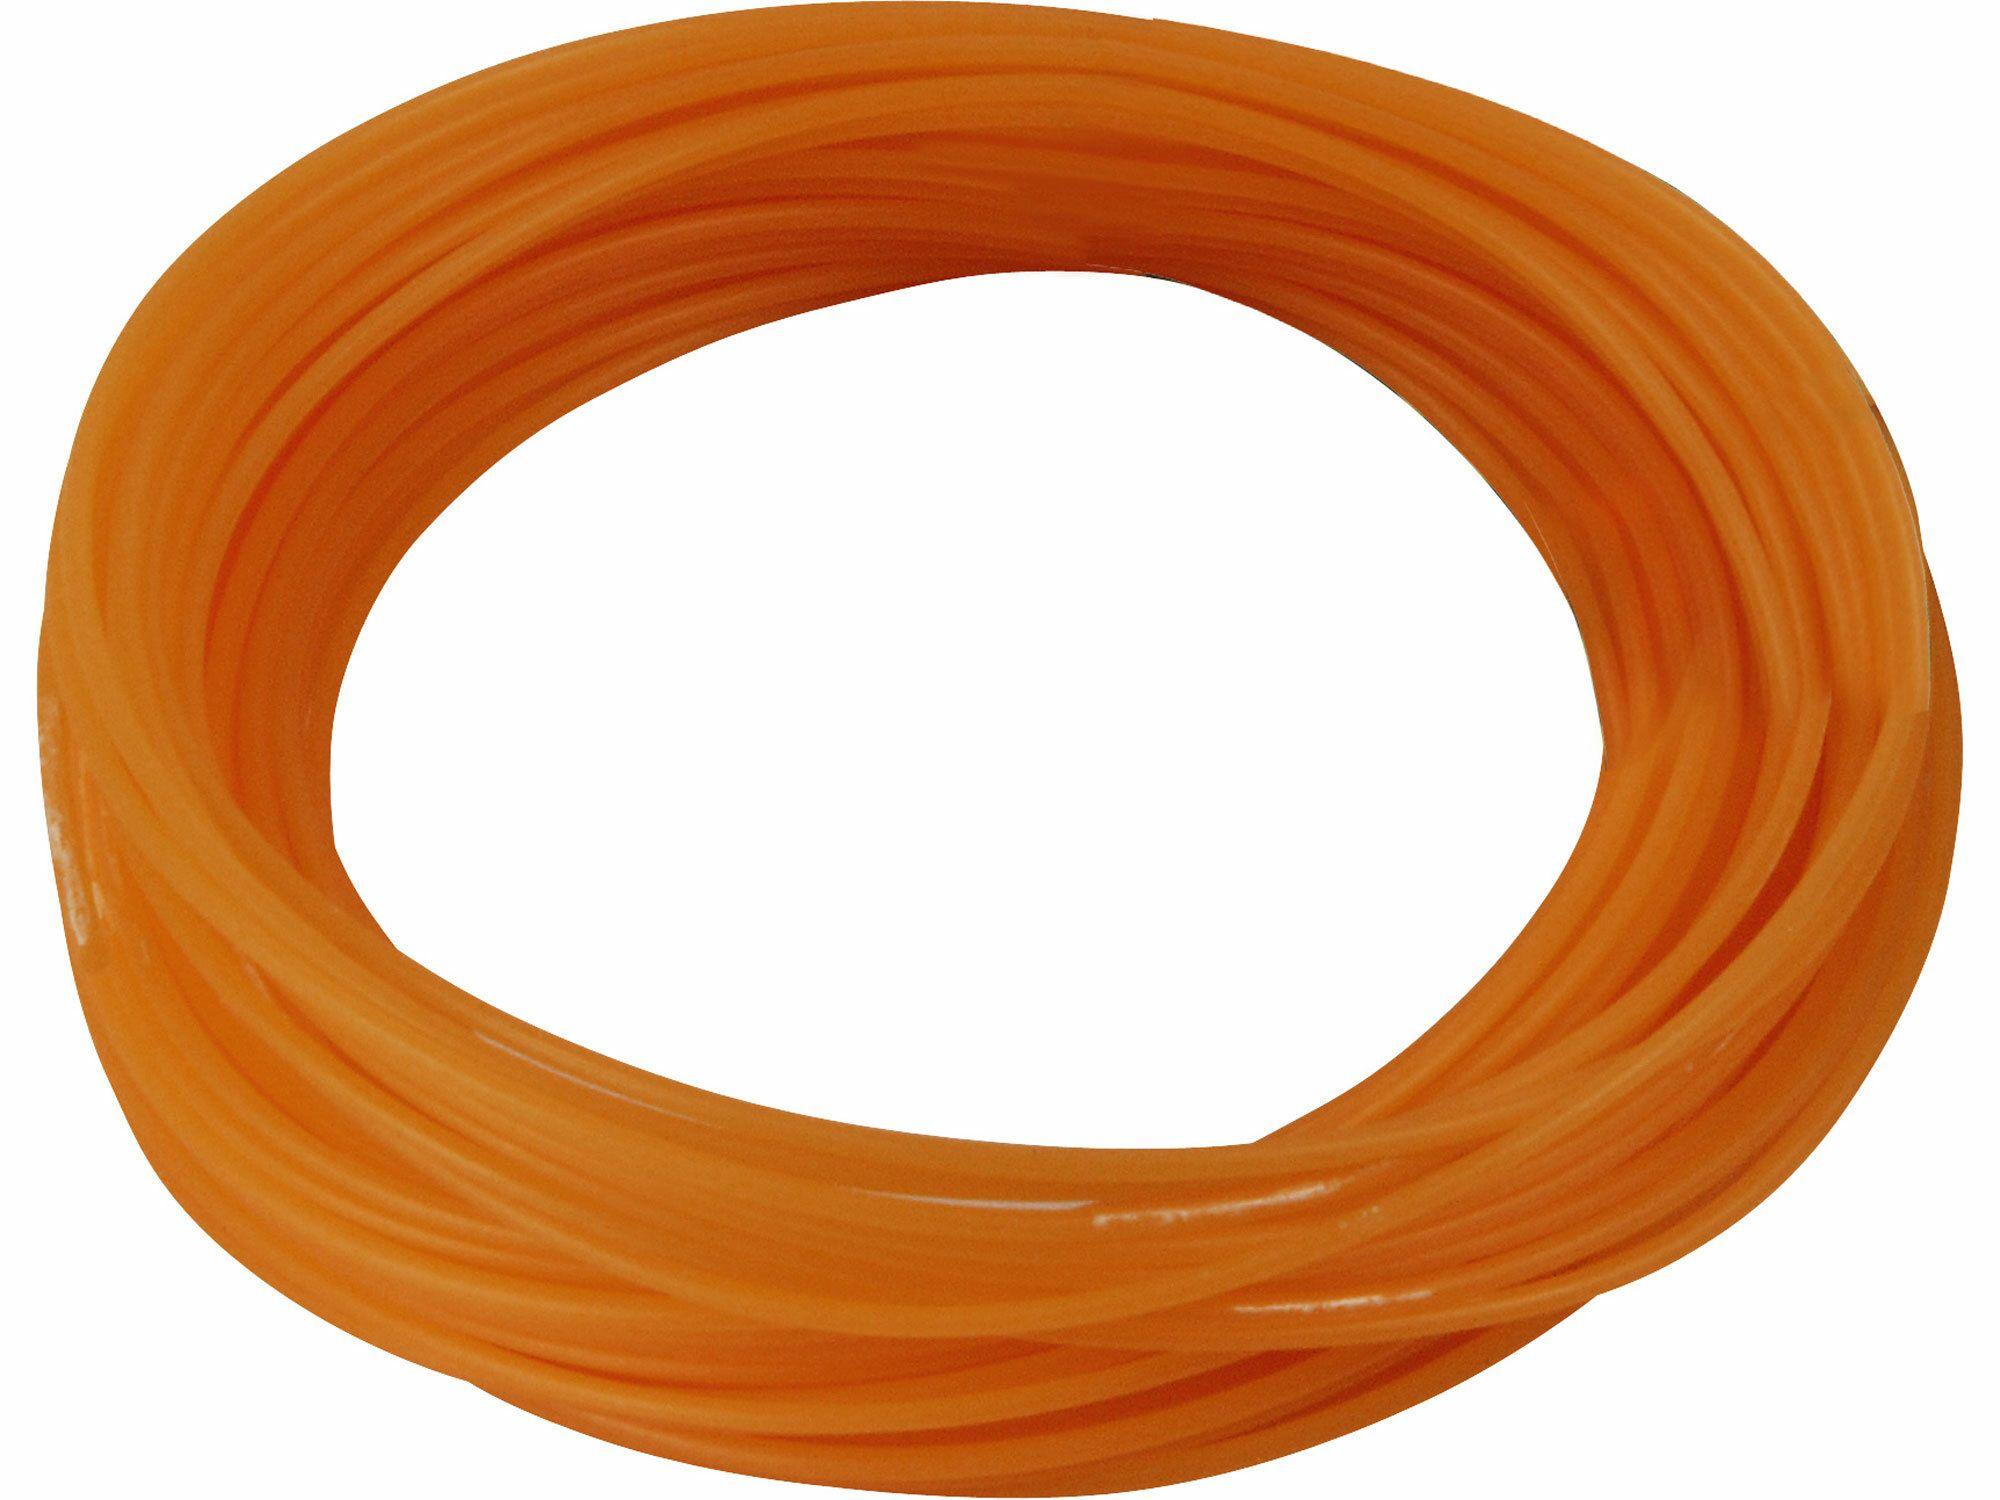 Struna do sekačky, 1,3mm, 15m, kruhový profil, nylon EXTOL-CRAFT